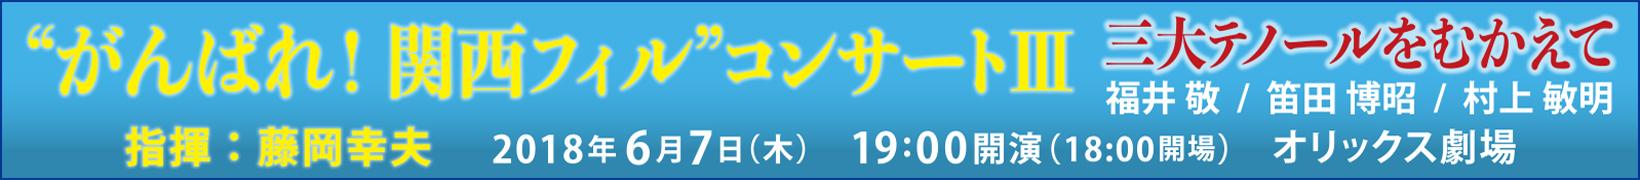 がんばれ!関西フィルコンサート3